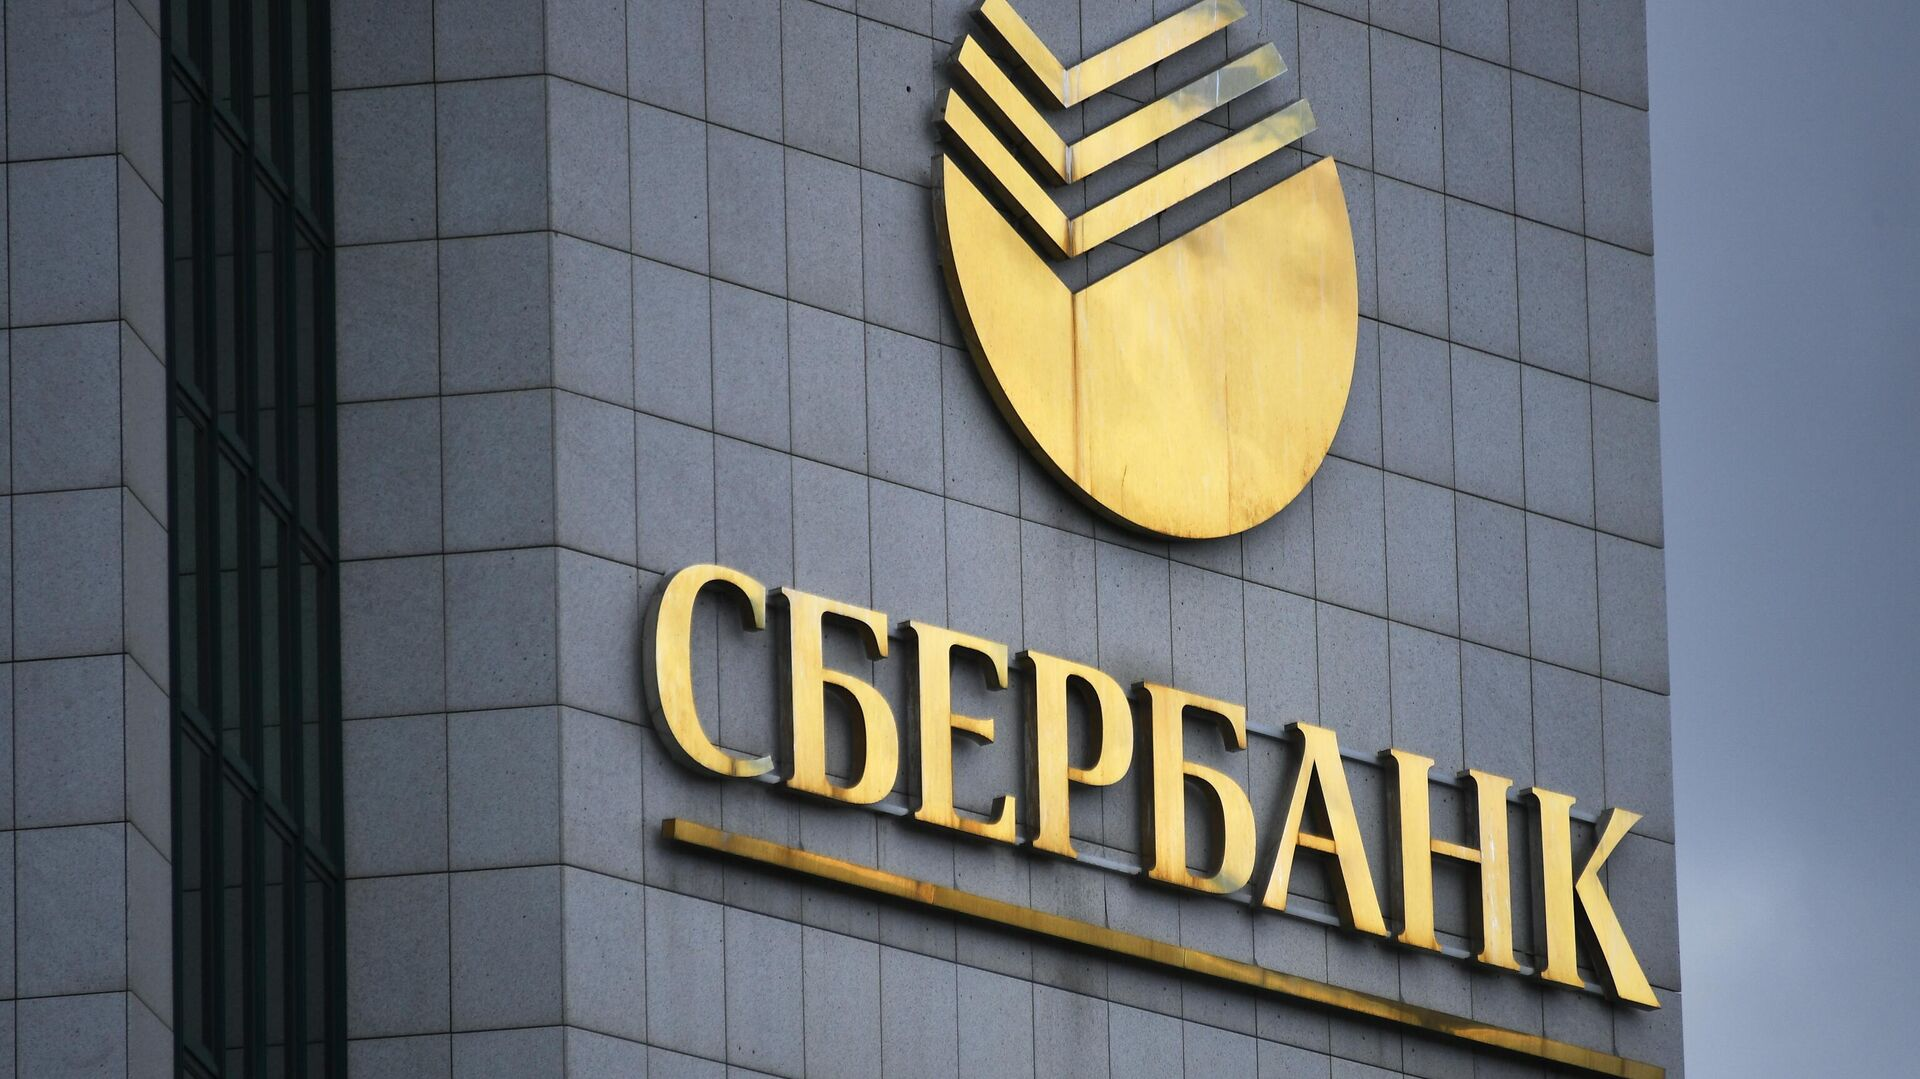 Логотип на главном здании Сбербанка на улице Вавилова в Москве - РИА Новости, 1920, 23.09.2020